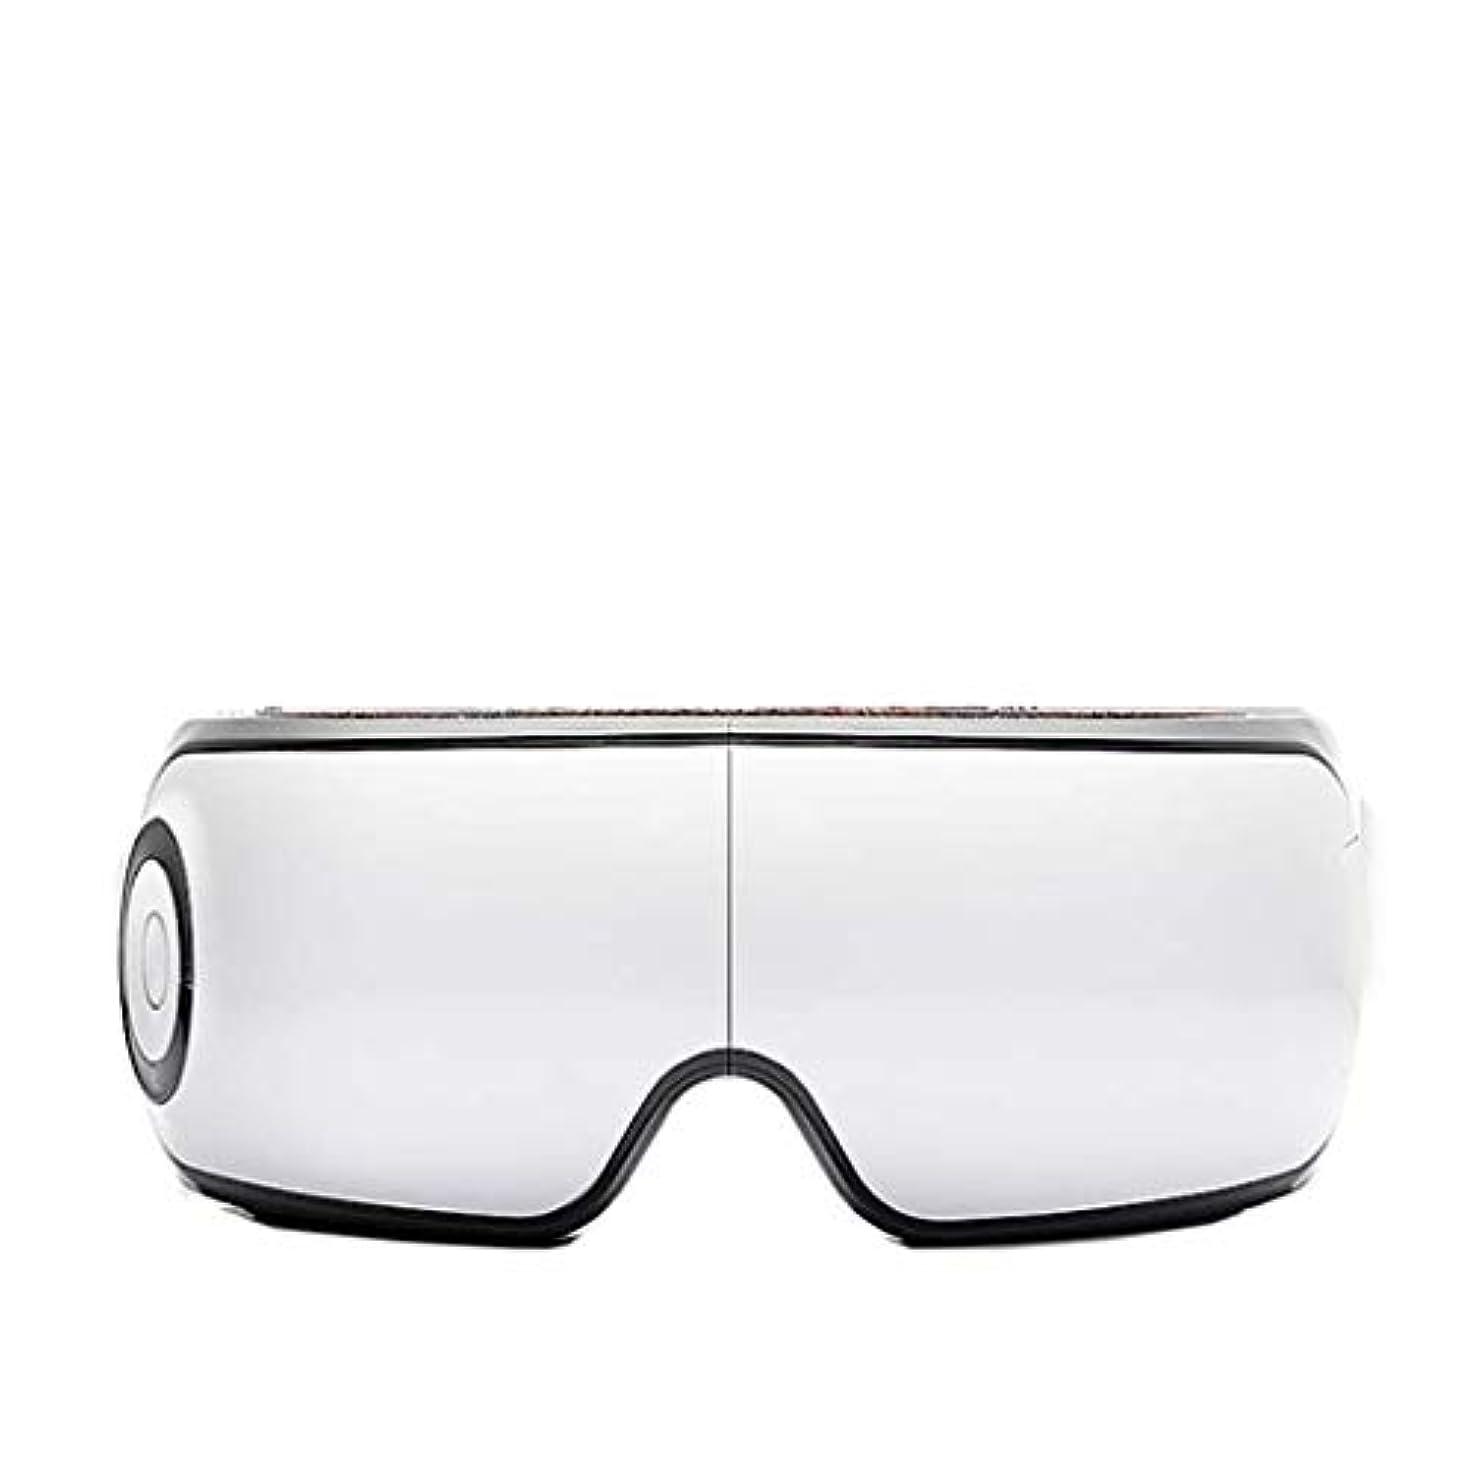 マッサージアイマスク、折りたたみ式ワイヤレスアイマッサージャー、多機能マッサージャー、インテリジェントなワンボタン操作、アイリラクシングアイバッグとダークサークル、目の疲れを軽減